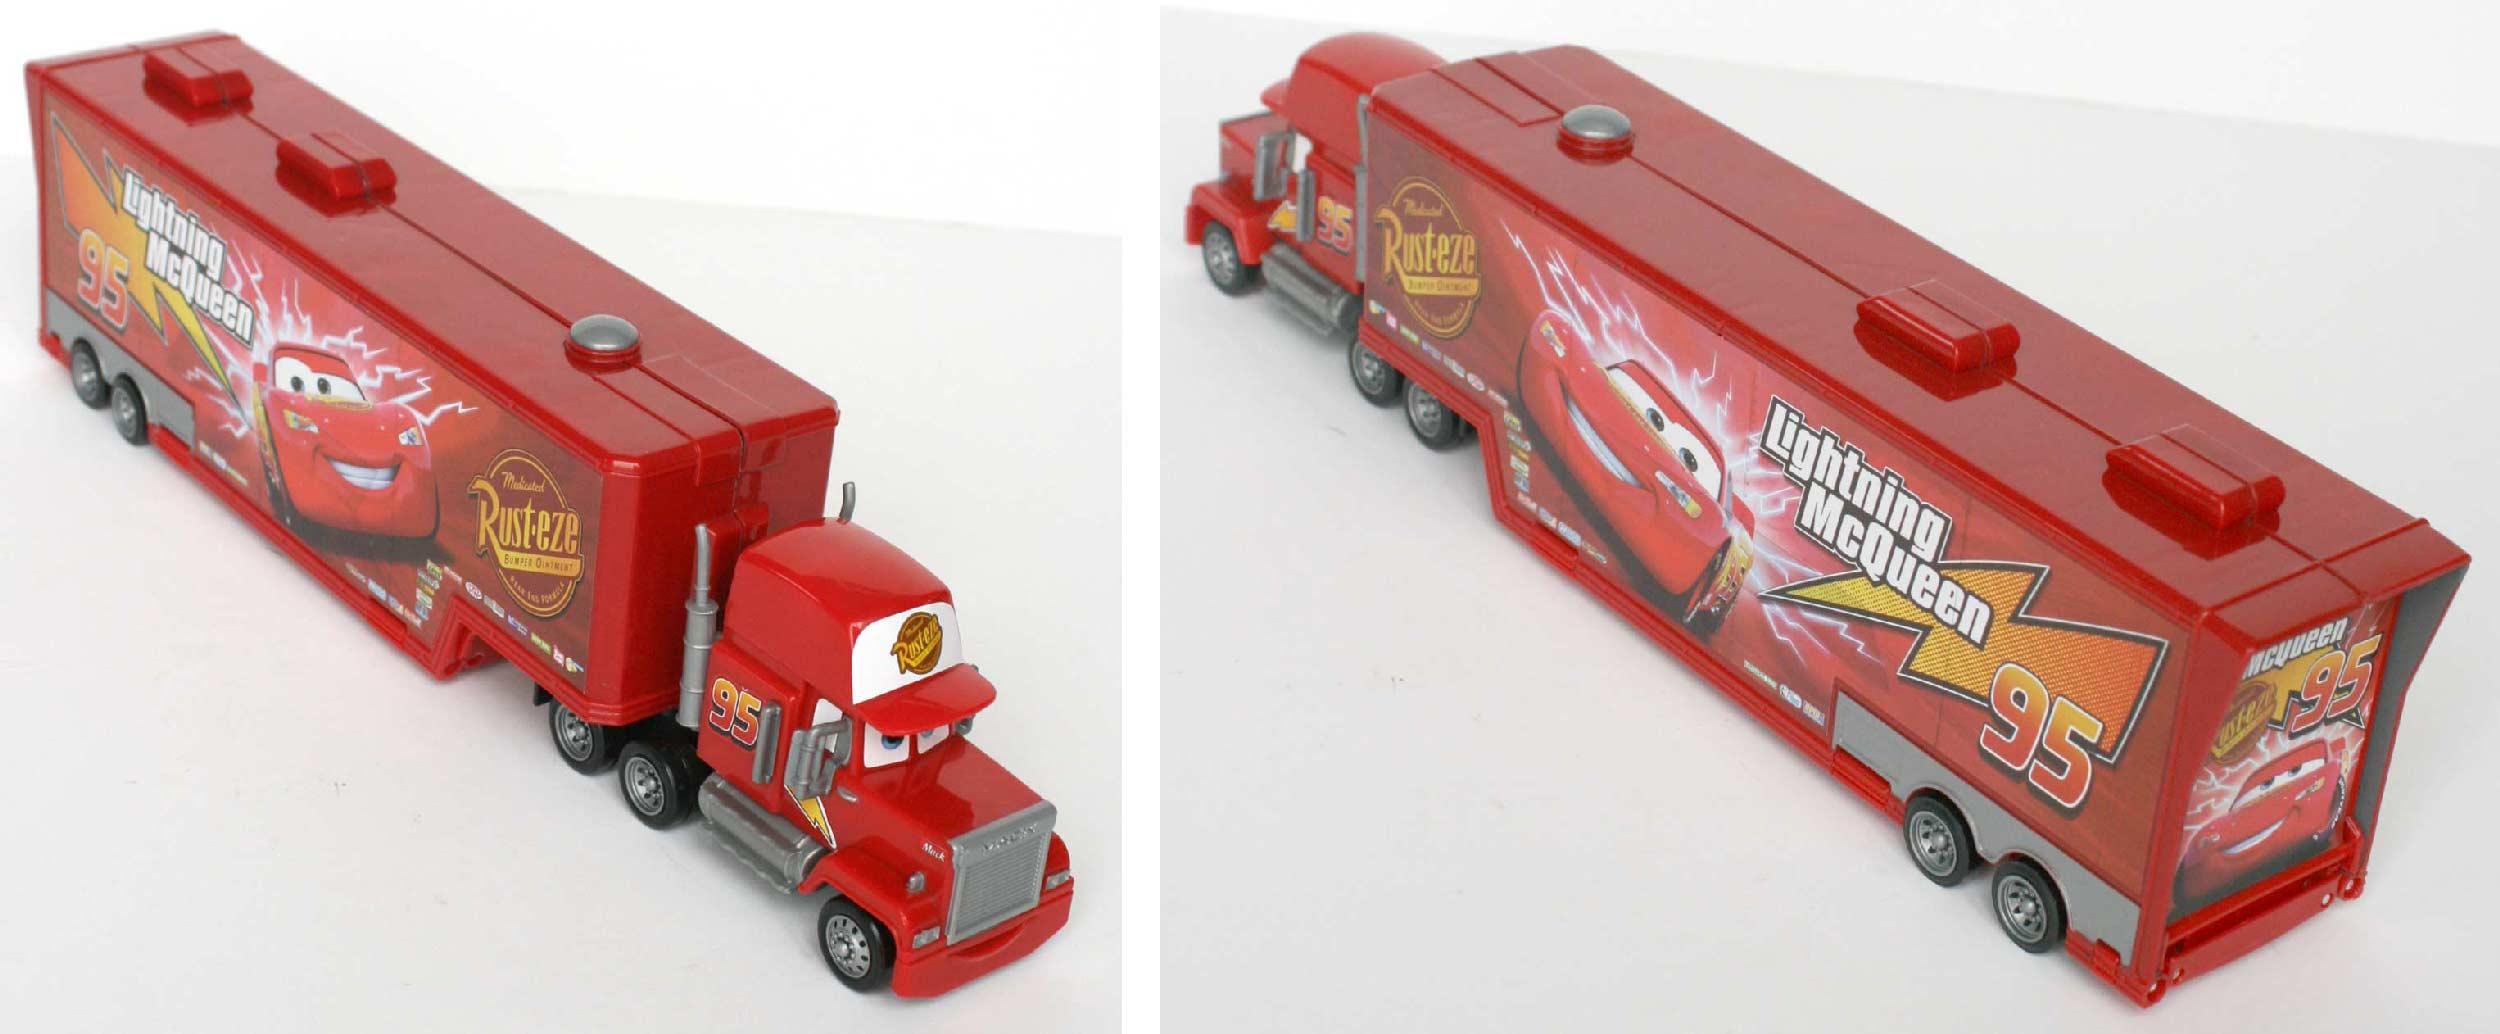 Mack - jouet - Cars - Mattel (remorque ouverte 2009)